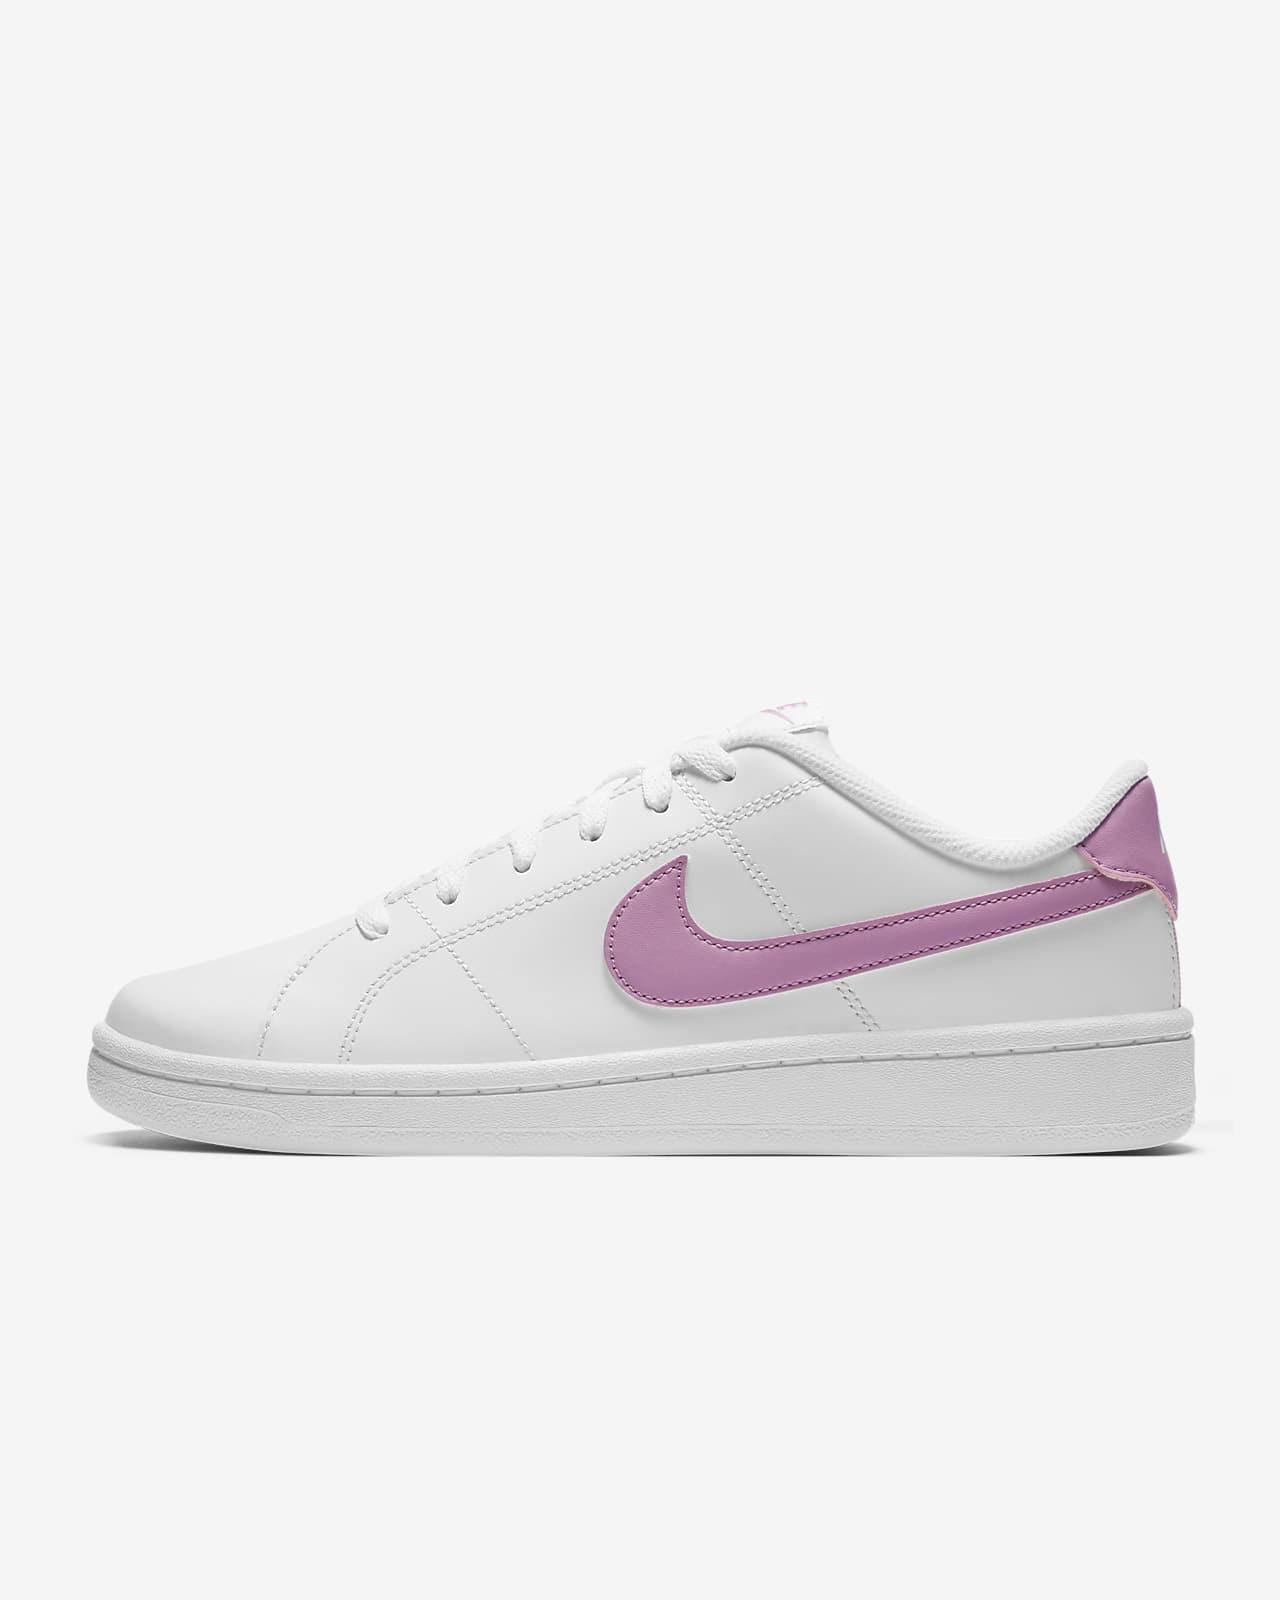 รองเท้าผู้หญิง Nike Court Royale 2